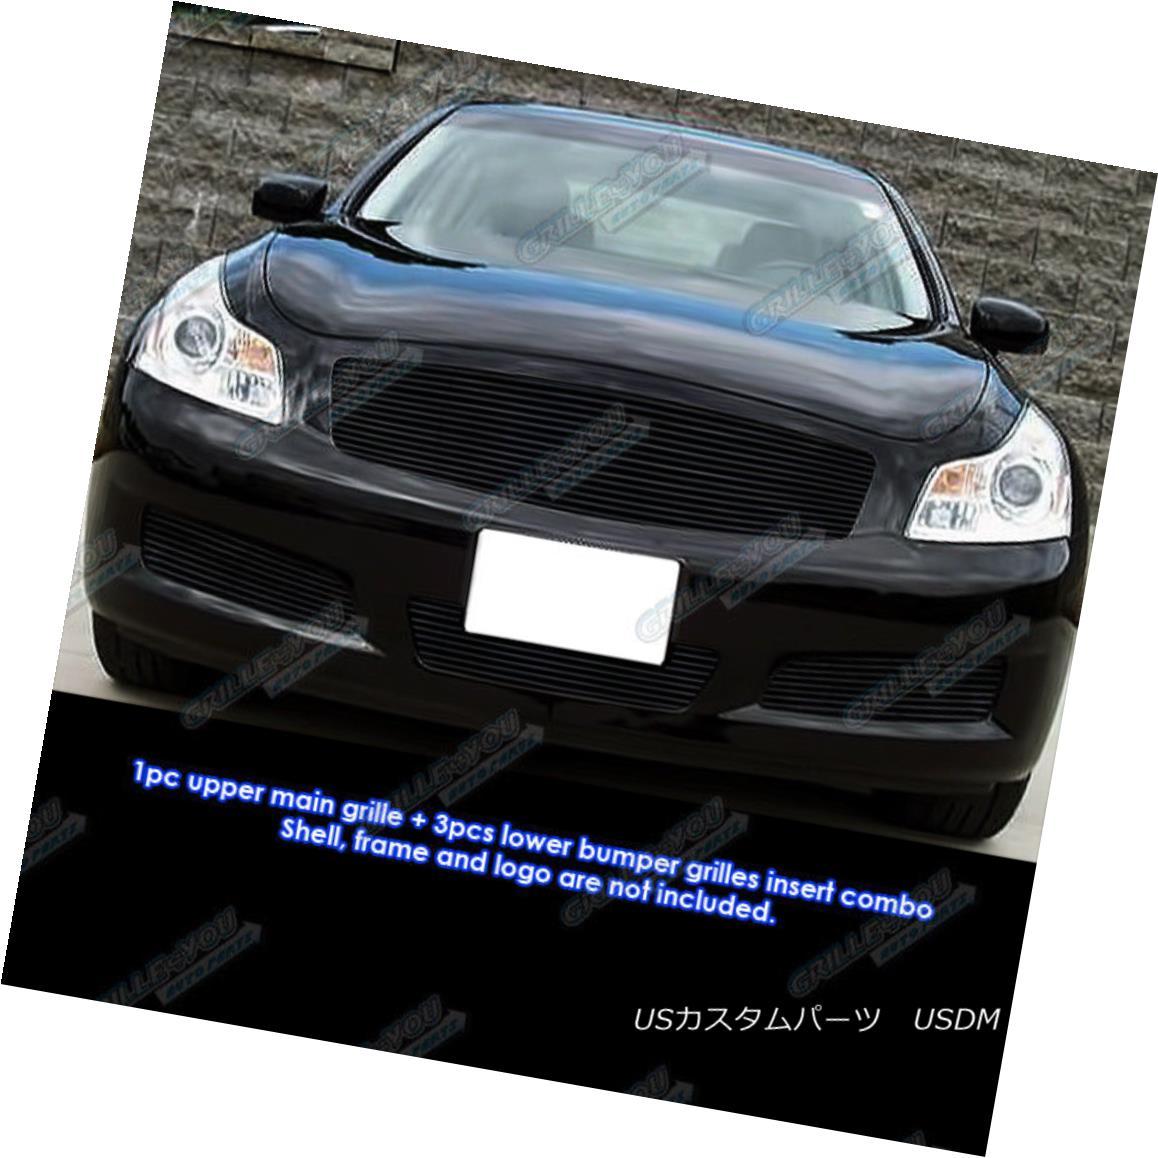 グリル Fits 07-08 Infiniti G35 Sedan Black Billet Grille Grill Combo Insert フィット07-08インフィニティG35セダンブラックビレットグリルグリルコンボインサート